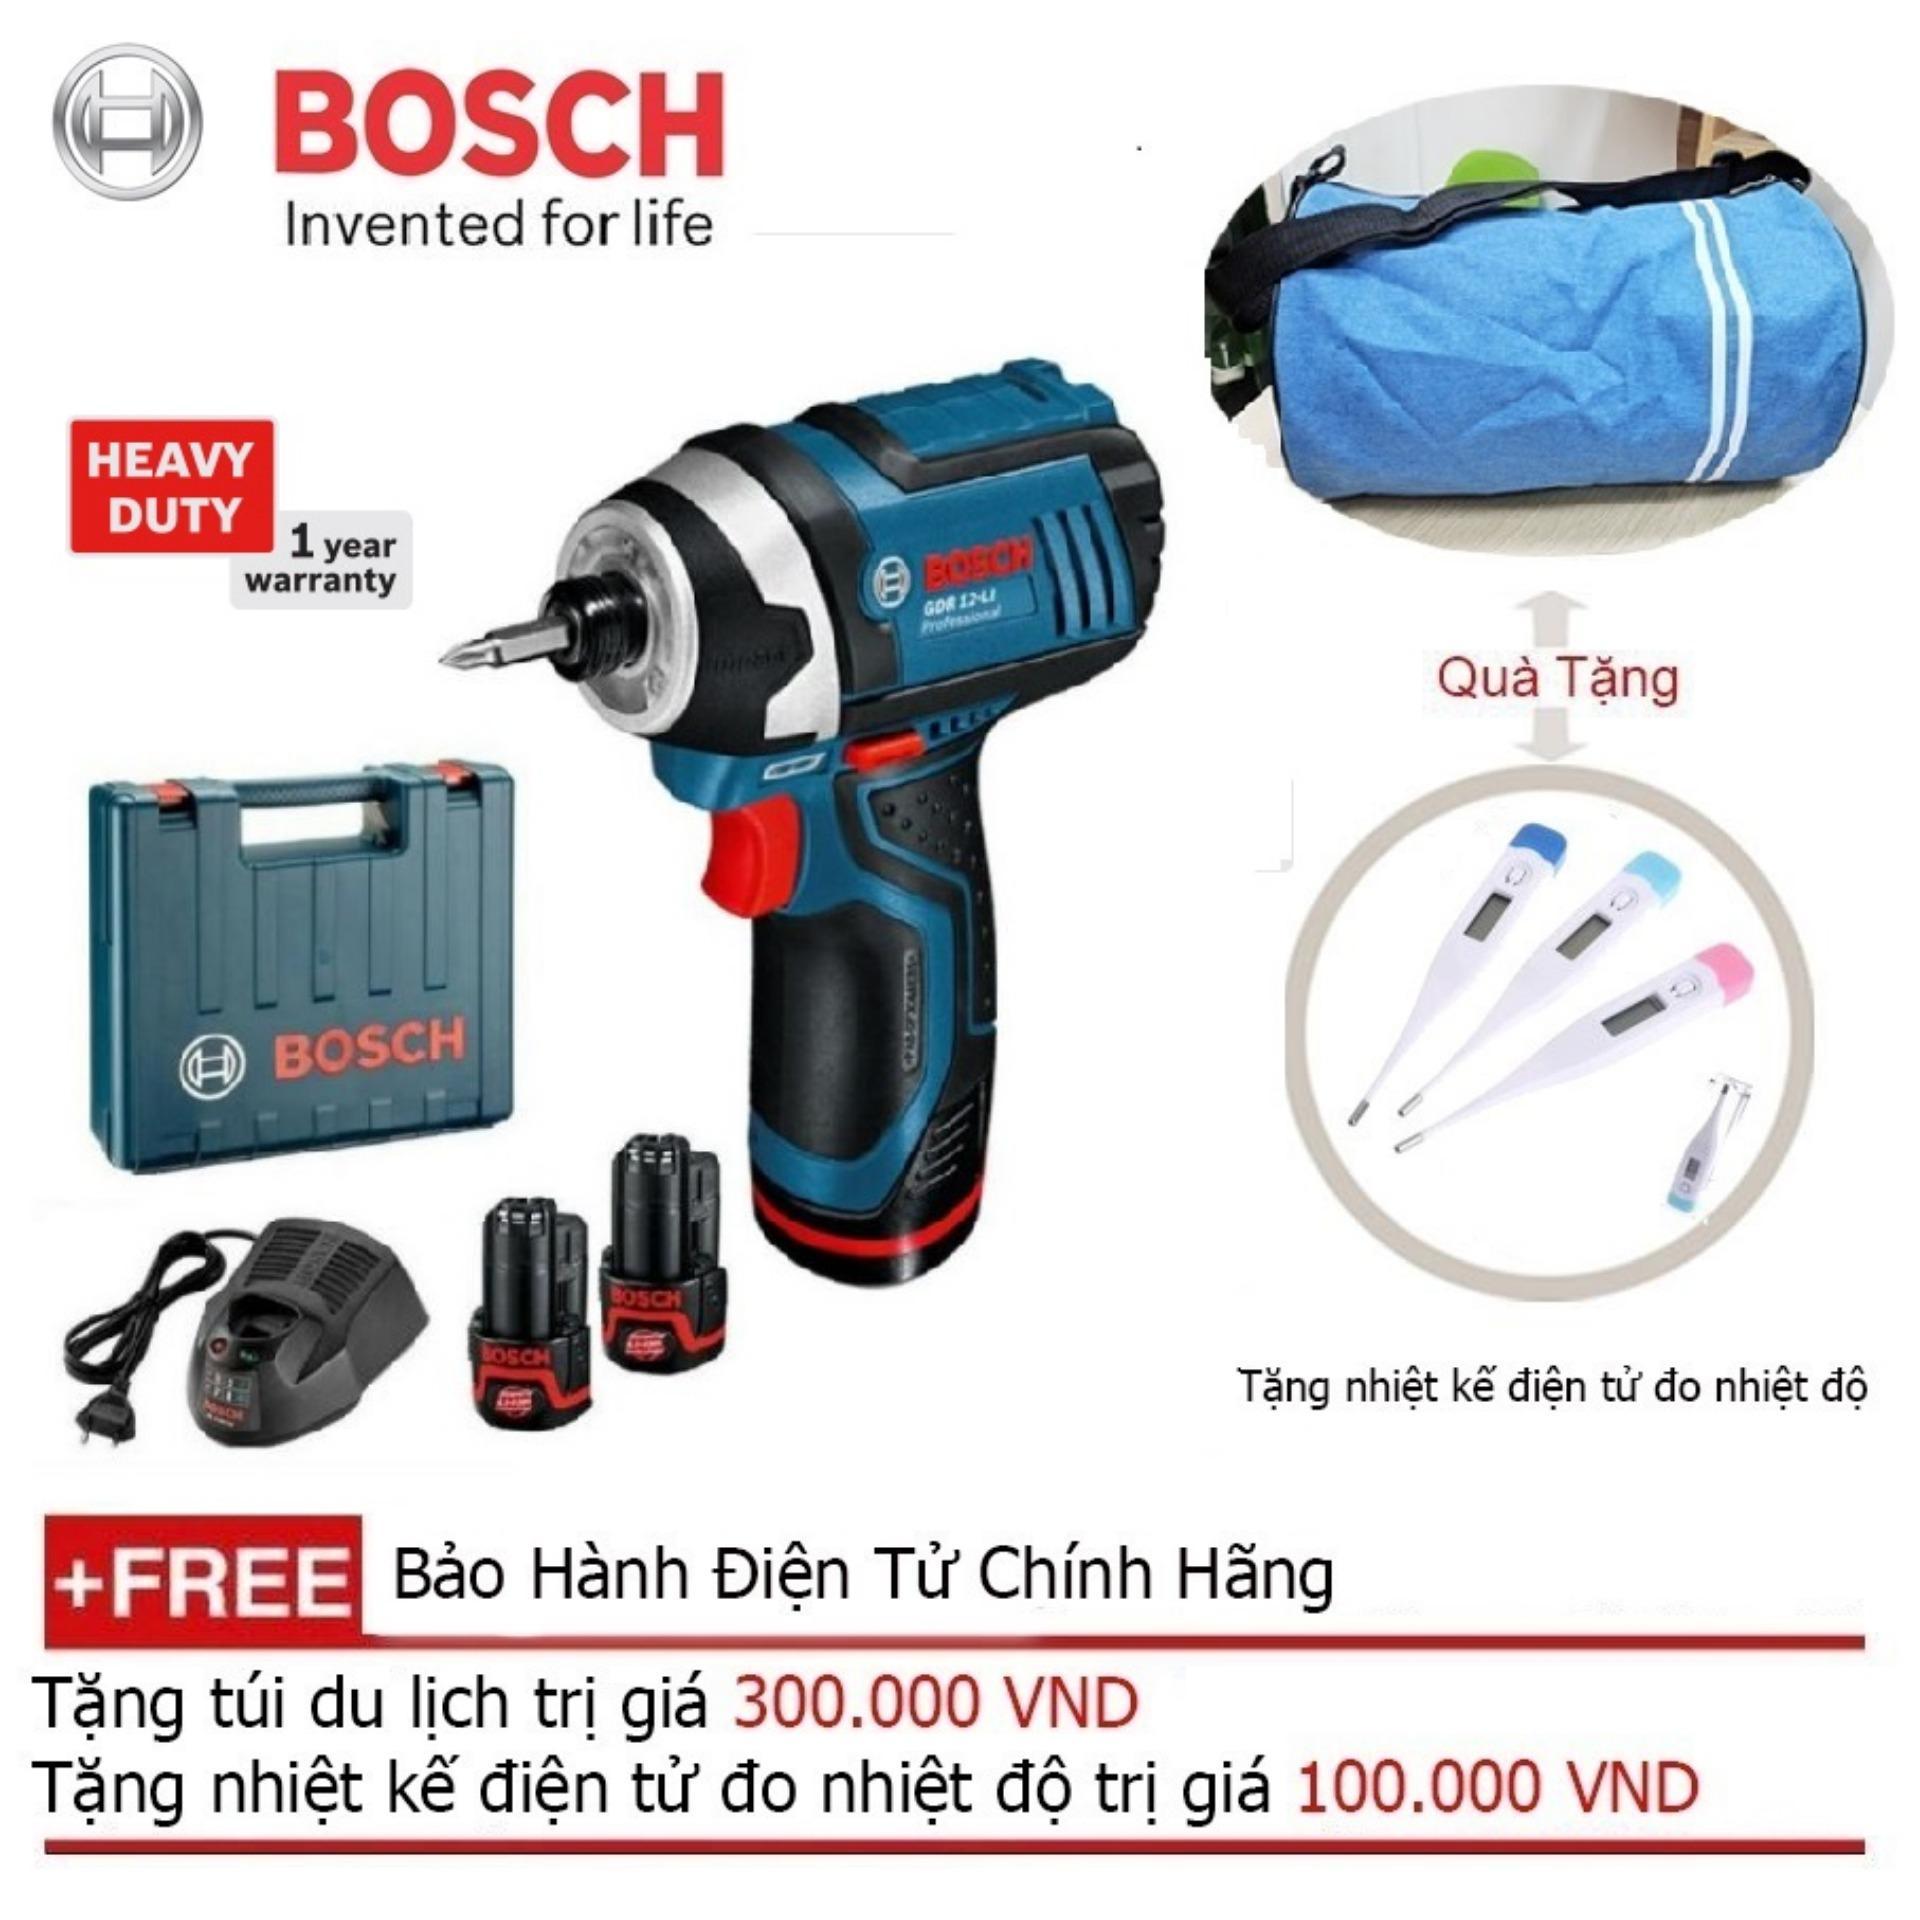 Máy vặn ốc động lực dùng pin Bosch GDR 12-LI  + Quà tặng balo du lịch